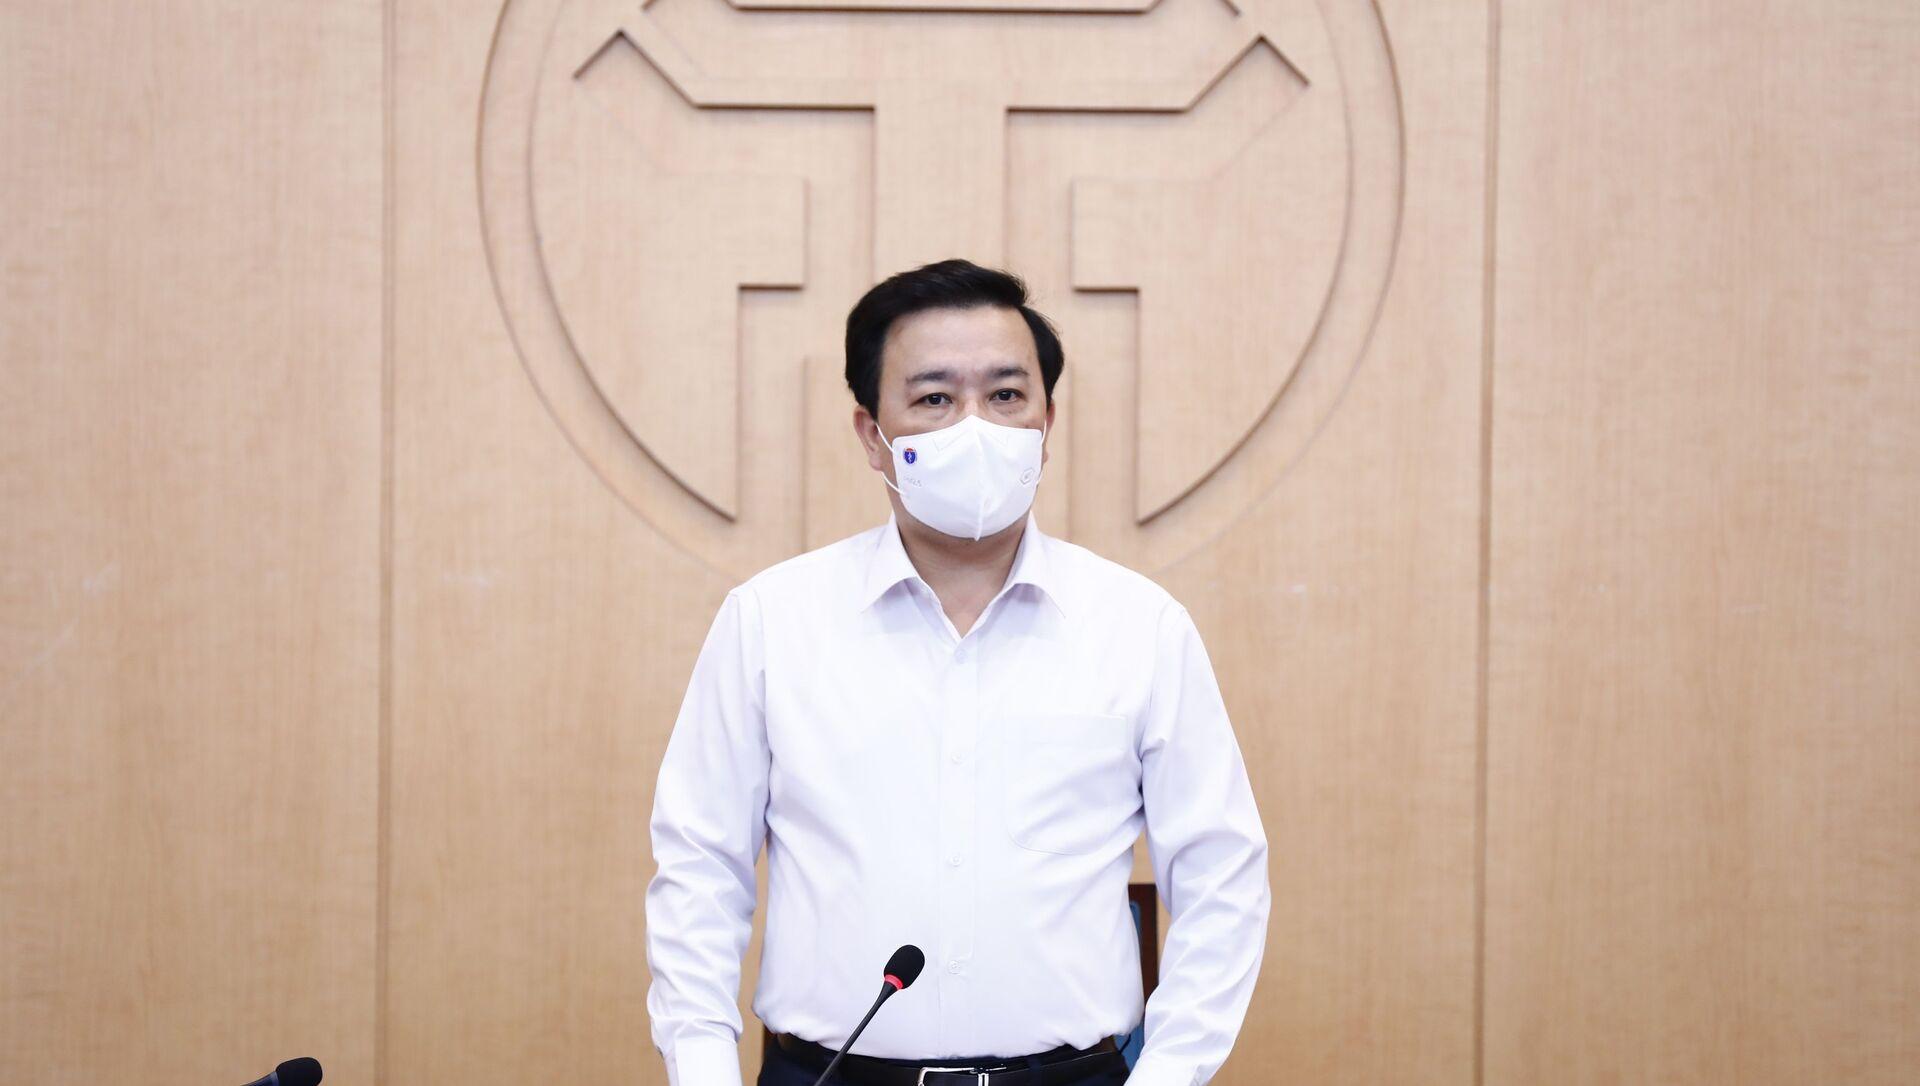 Phó Chủ tịch UBND thành phố Hà Nội Chử Xuân Dũng phát biểu và chỉ đạo tại cuộc họp. - Sputnik Việt Nam, 1920, 16.07.2021